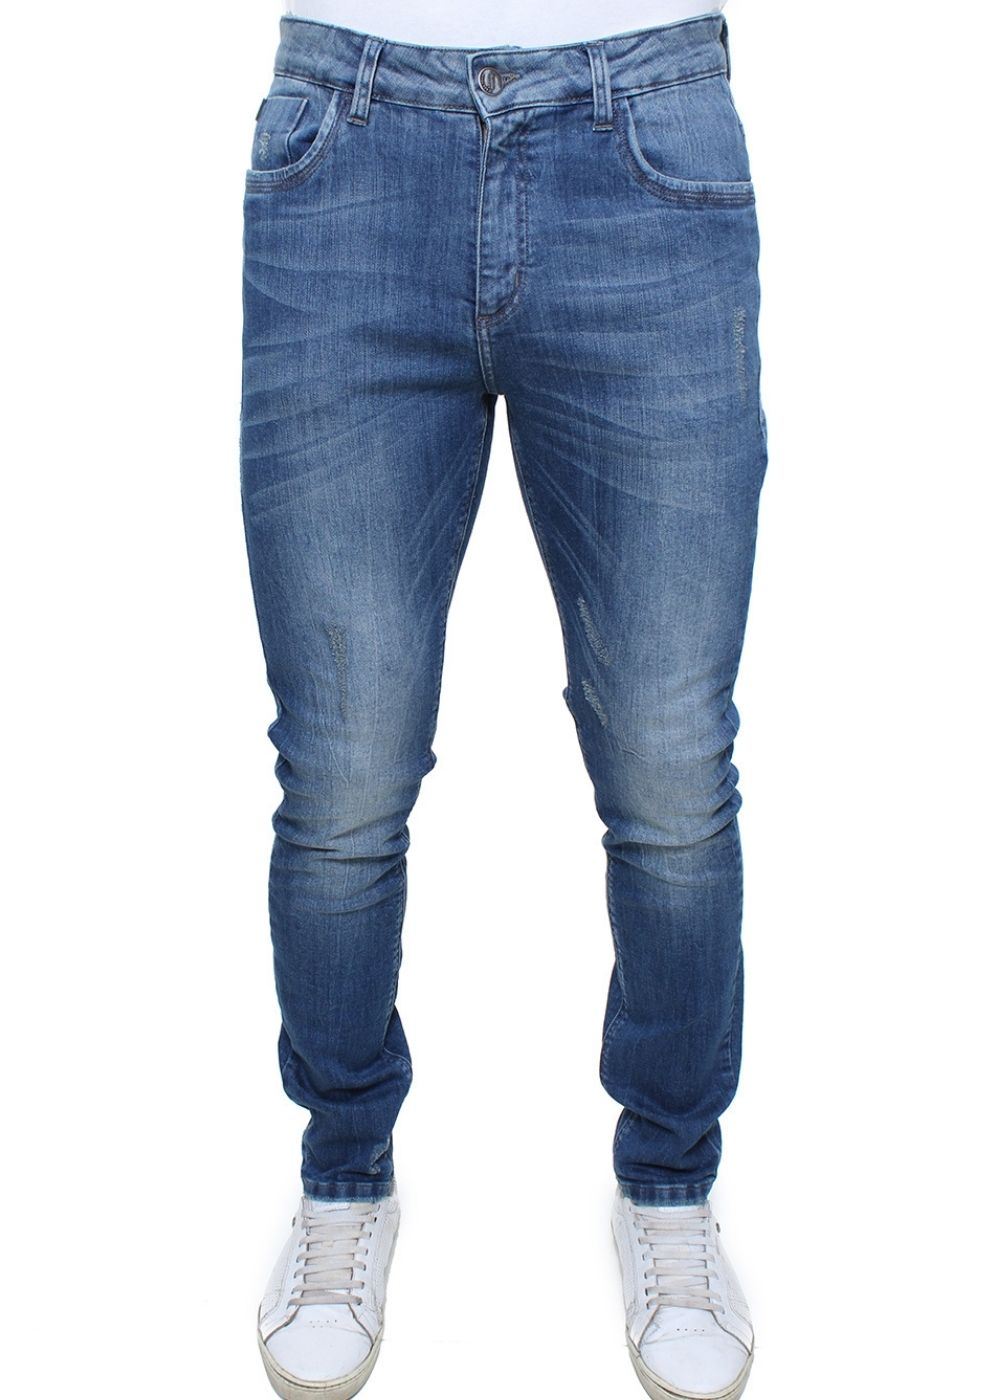 Calça Jeans Masculina Estonada Confort Crocker - 47738  - CROCKER JEANS